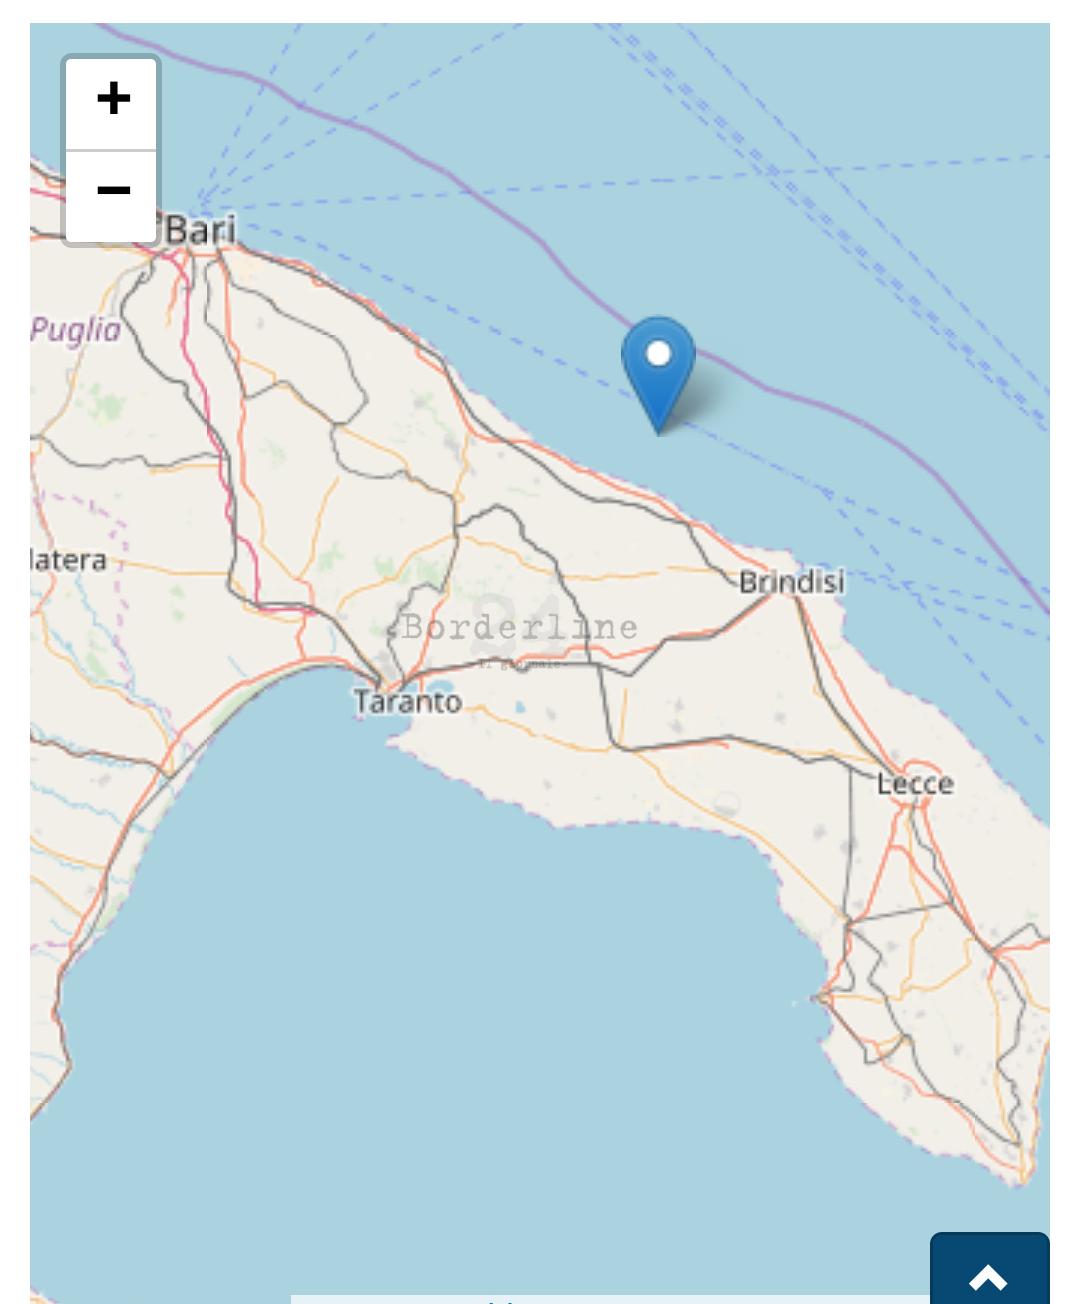 Terremoto, forte scossa in Puglia: epicentro nell'Adriatico. Paura da Bari a Brindisi